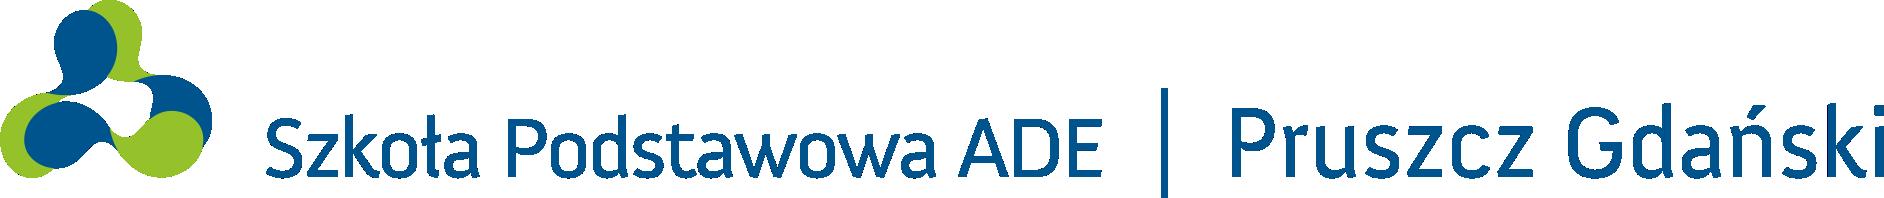 Szkoła Podstawowa Akademii Dobrej Edukacji w Pruszczu Gdańskim